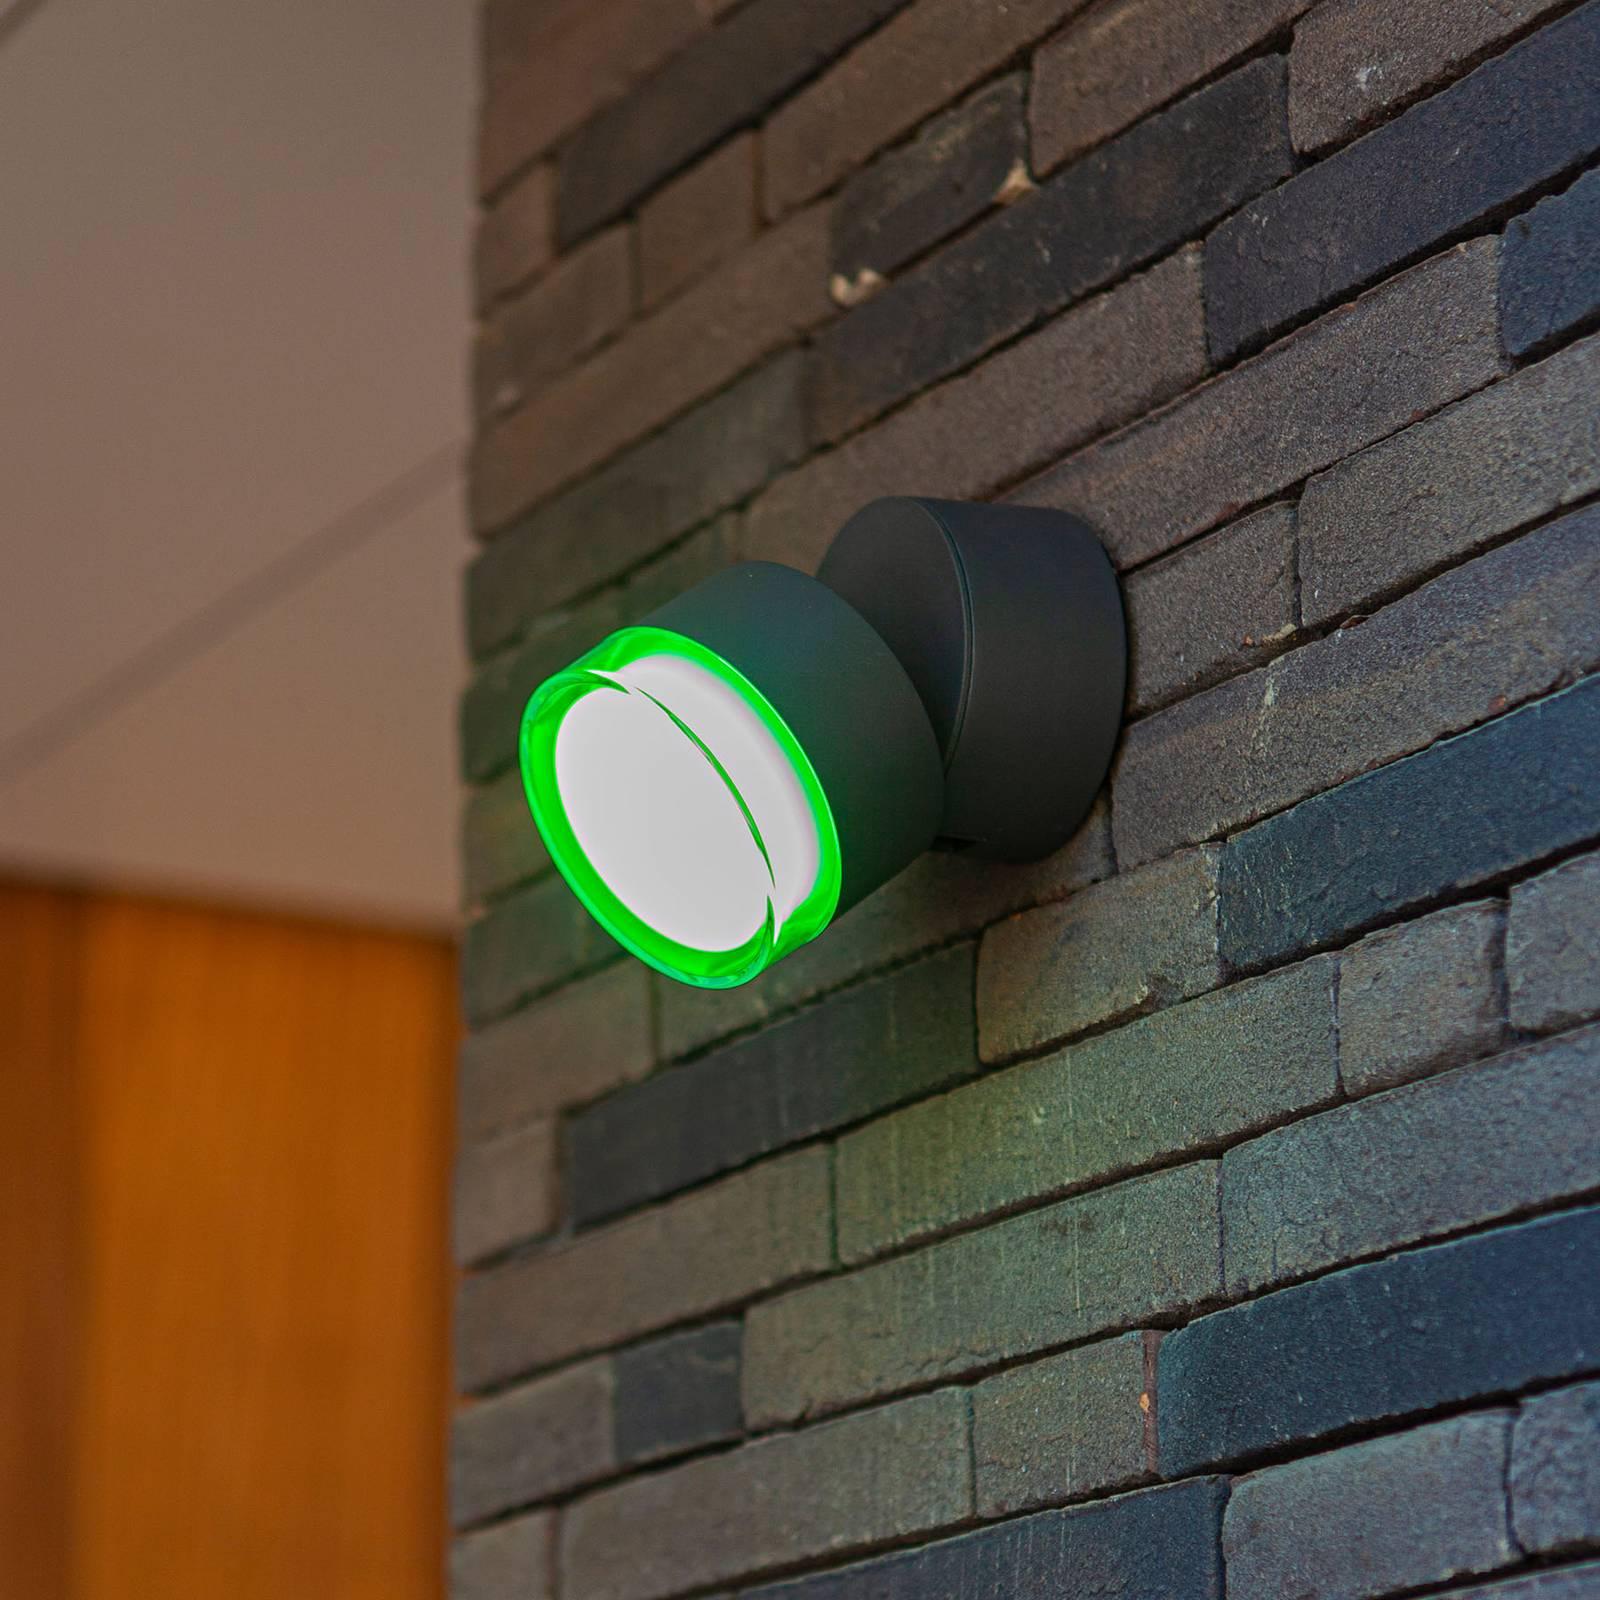 LED-Außenwandleuchte Dropsi, RGBW smart steuerbar